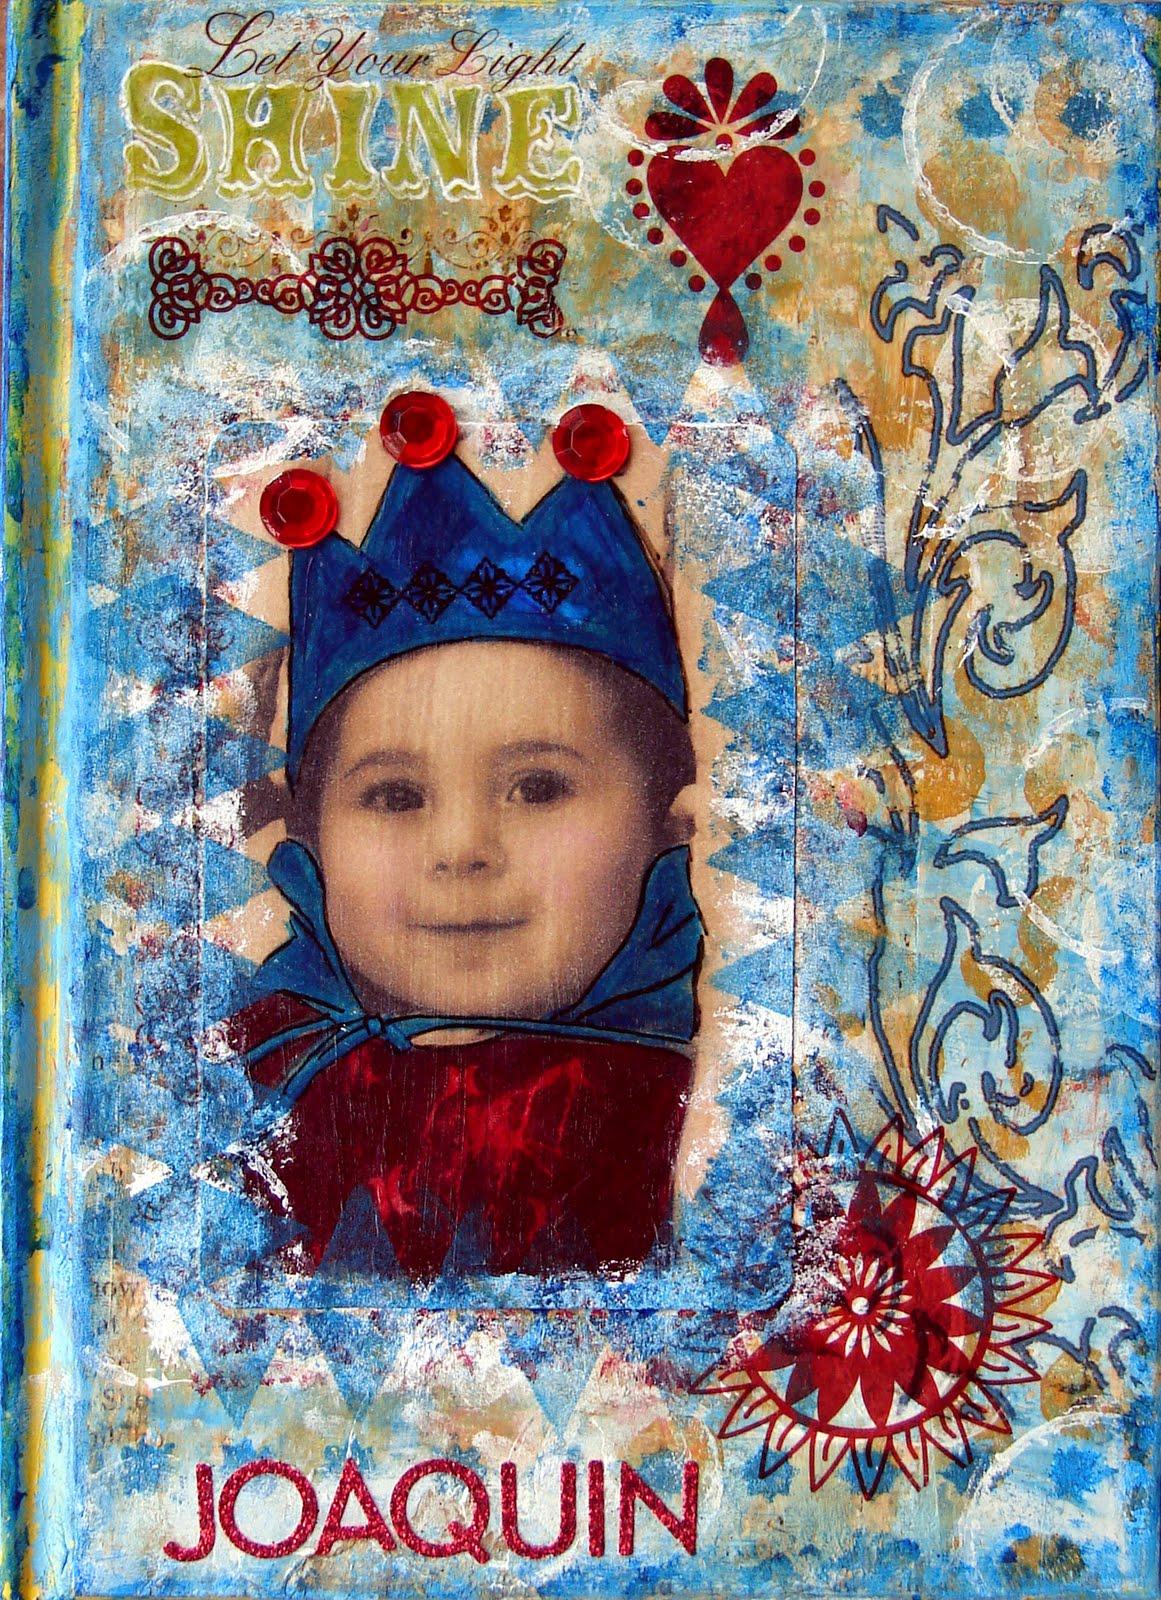 http://4.bp.blogspot.com/_LNc8a8Ne4Z8/S9Mxfqj05MI/AAAAAAAABuU/MbxysU-q6G4/s1600/Joaquin+Journal.jpg